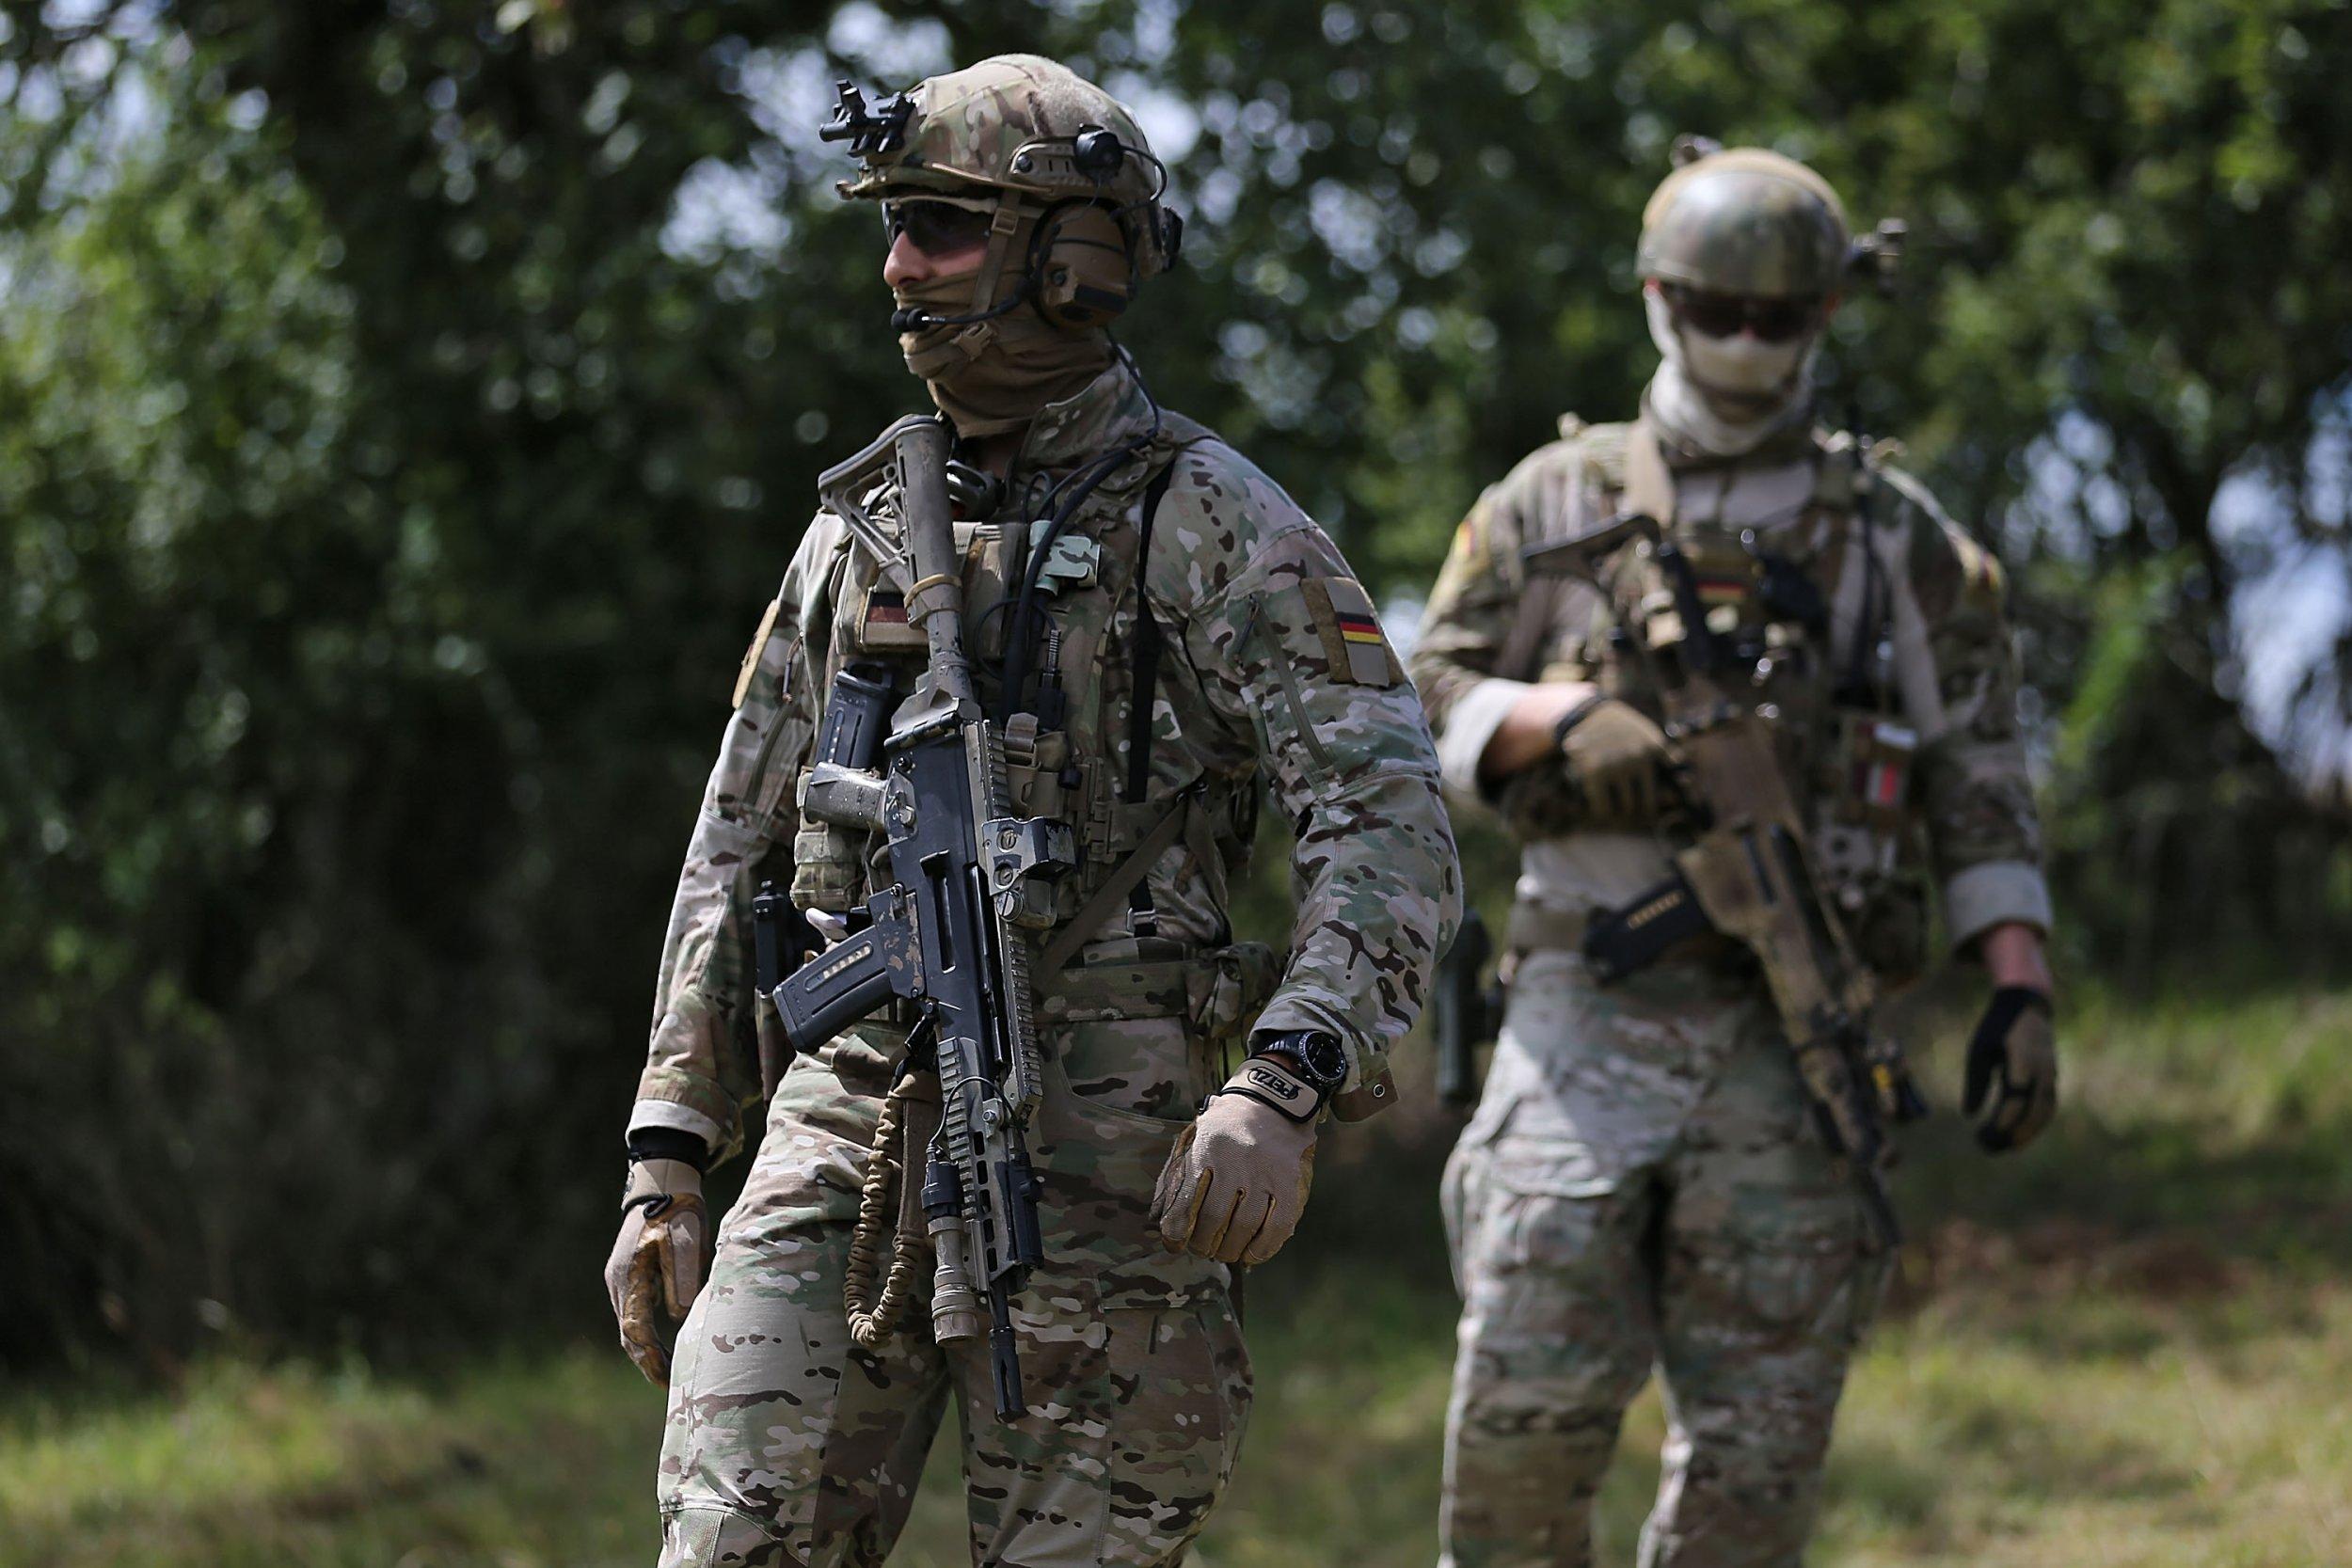 Germany's elite KSK soldiers